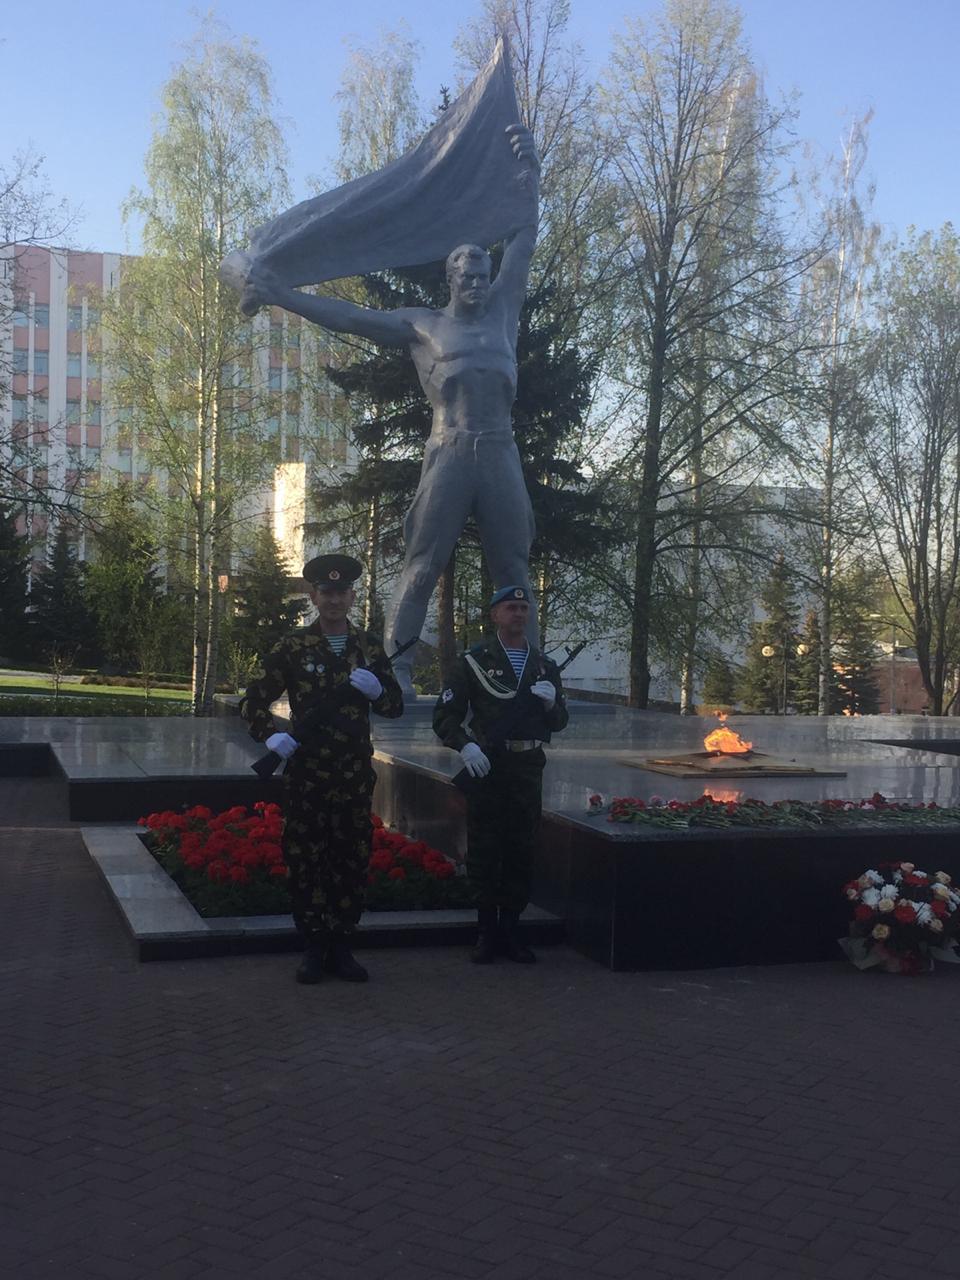 «Союз десантников Удмуртии» готов заступить 9 мая на пост №1 у Вечного огня в столице Удмуртии городе Ижевск